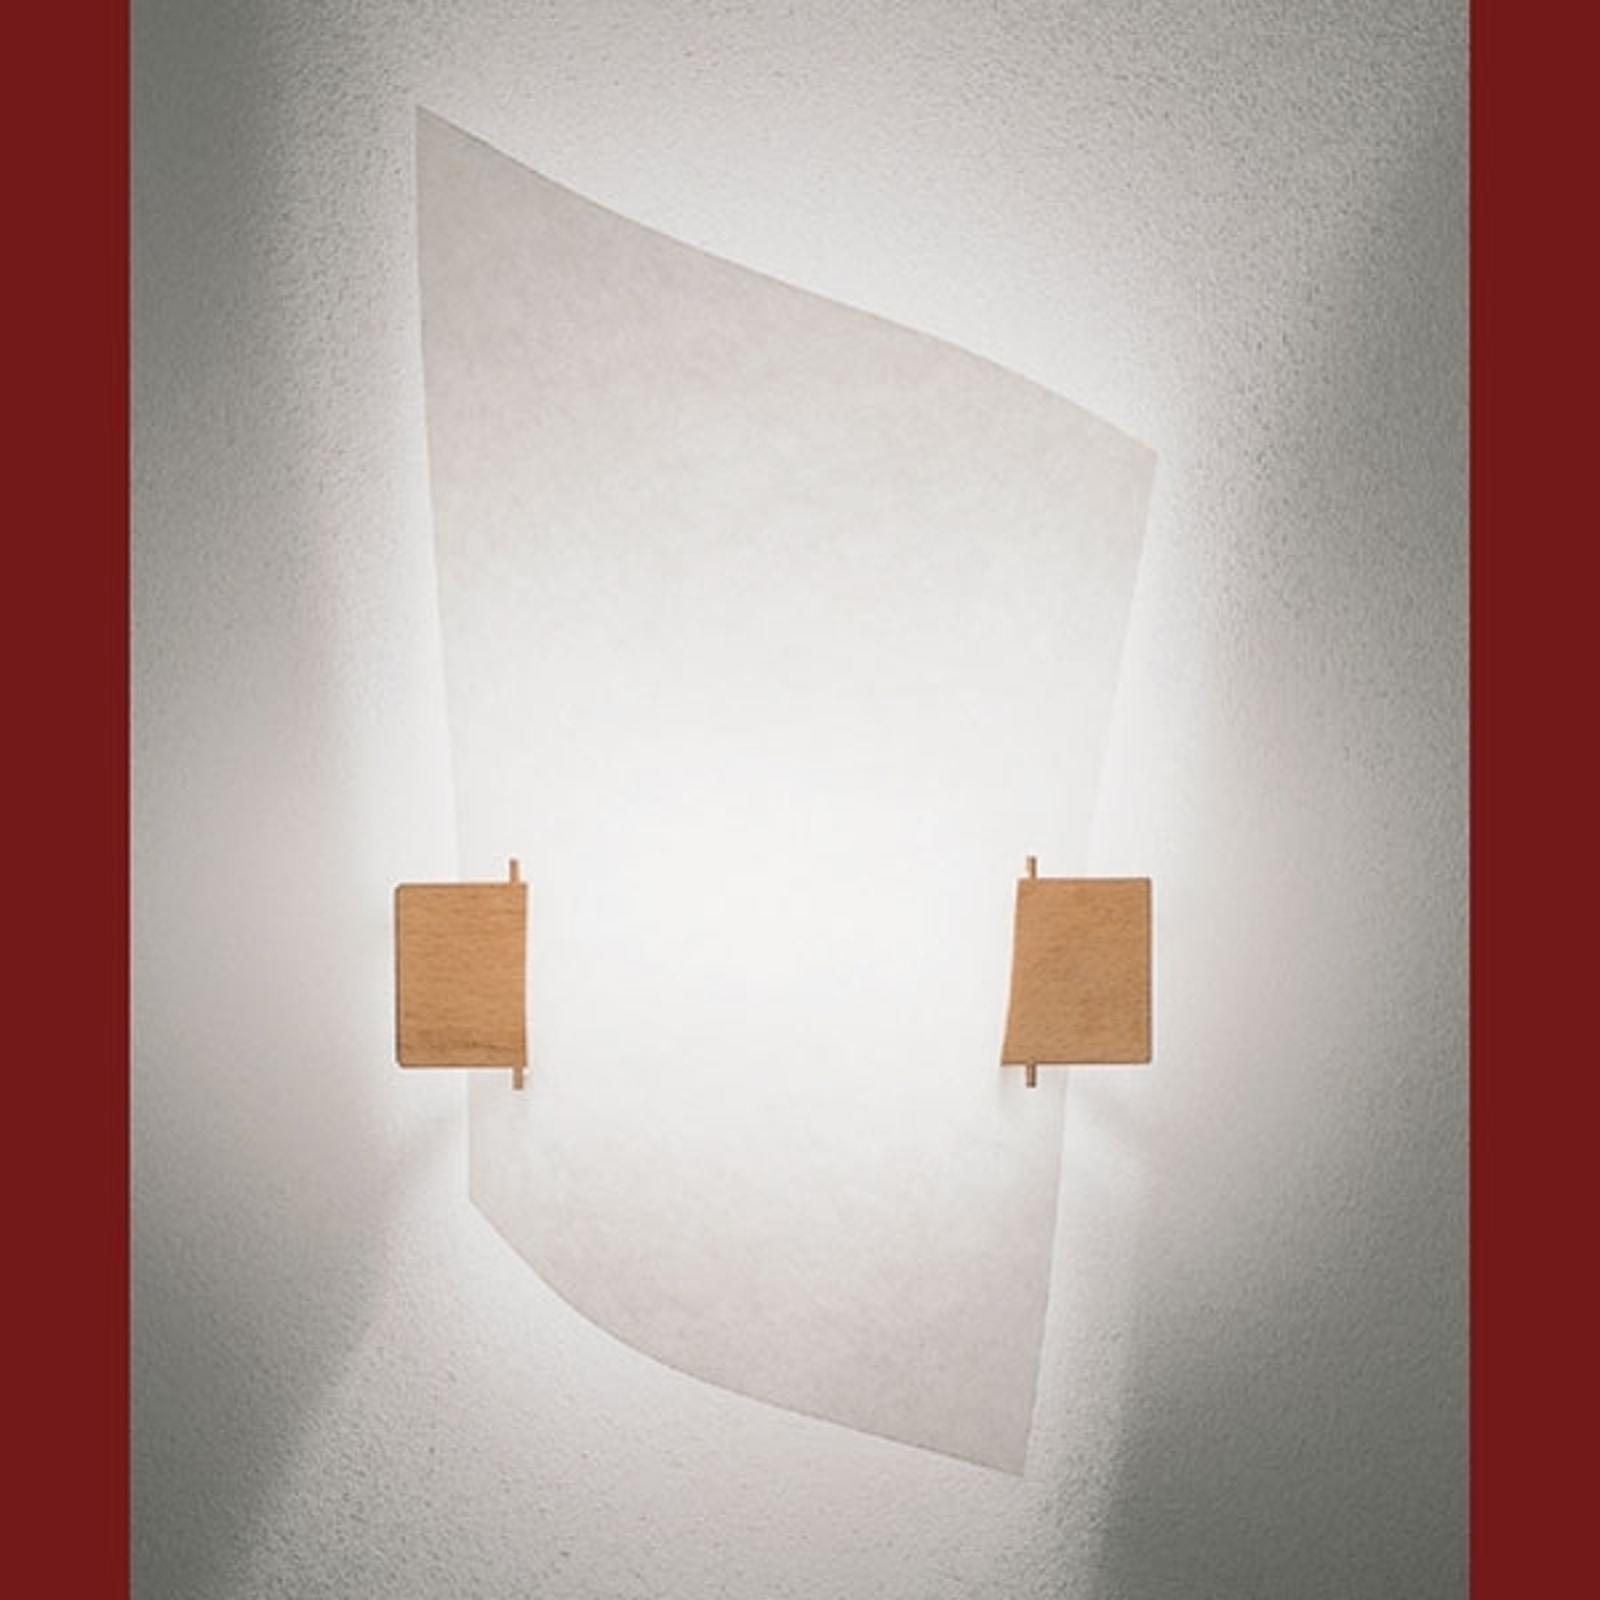 Designové nástěnné světlo PLAN B se světlým dřevem